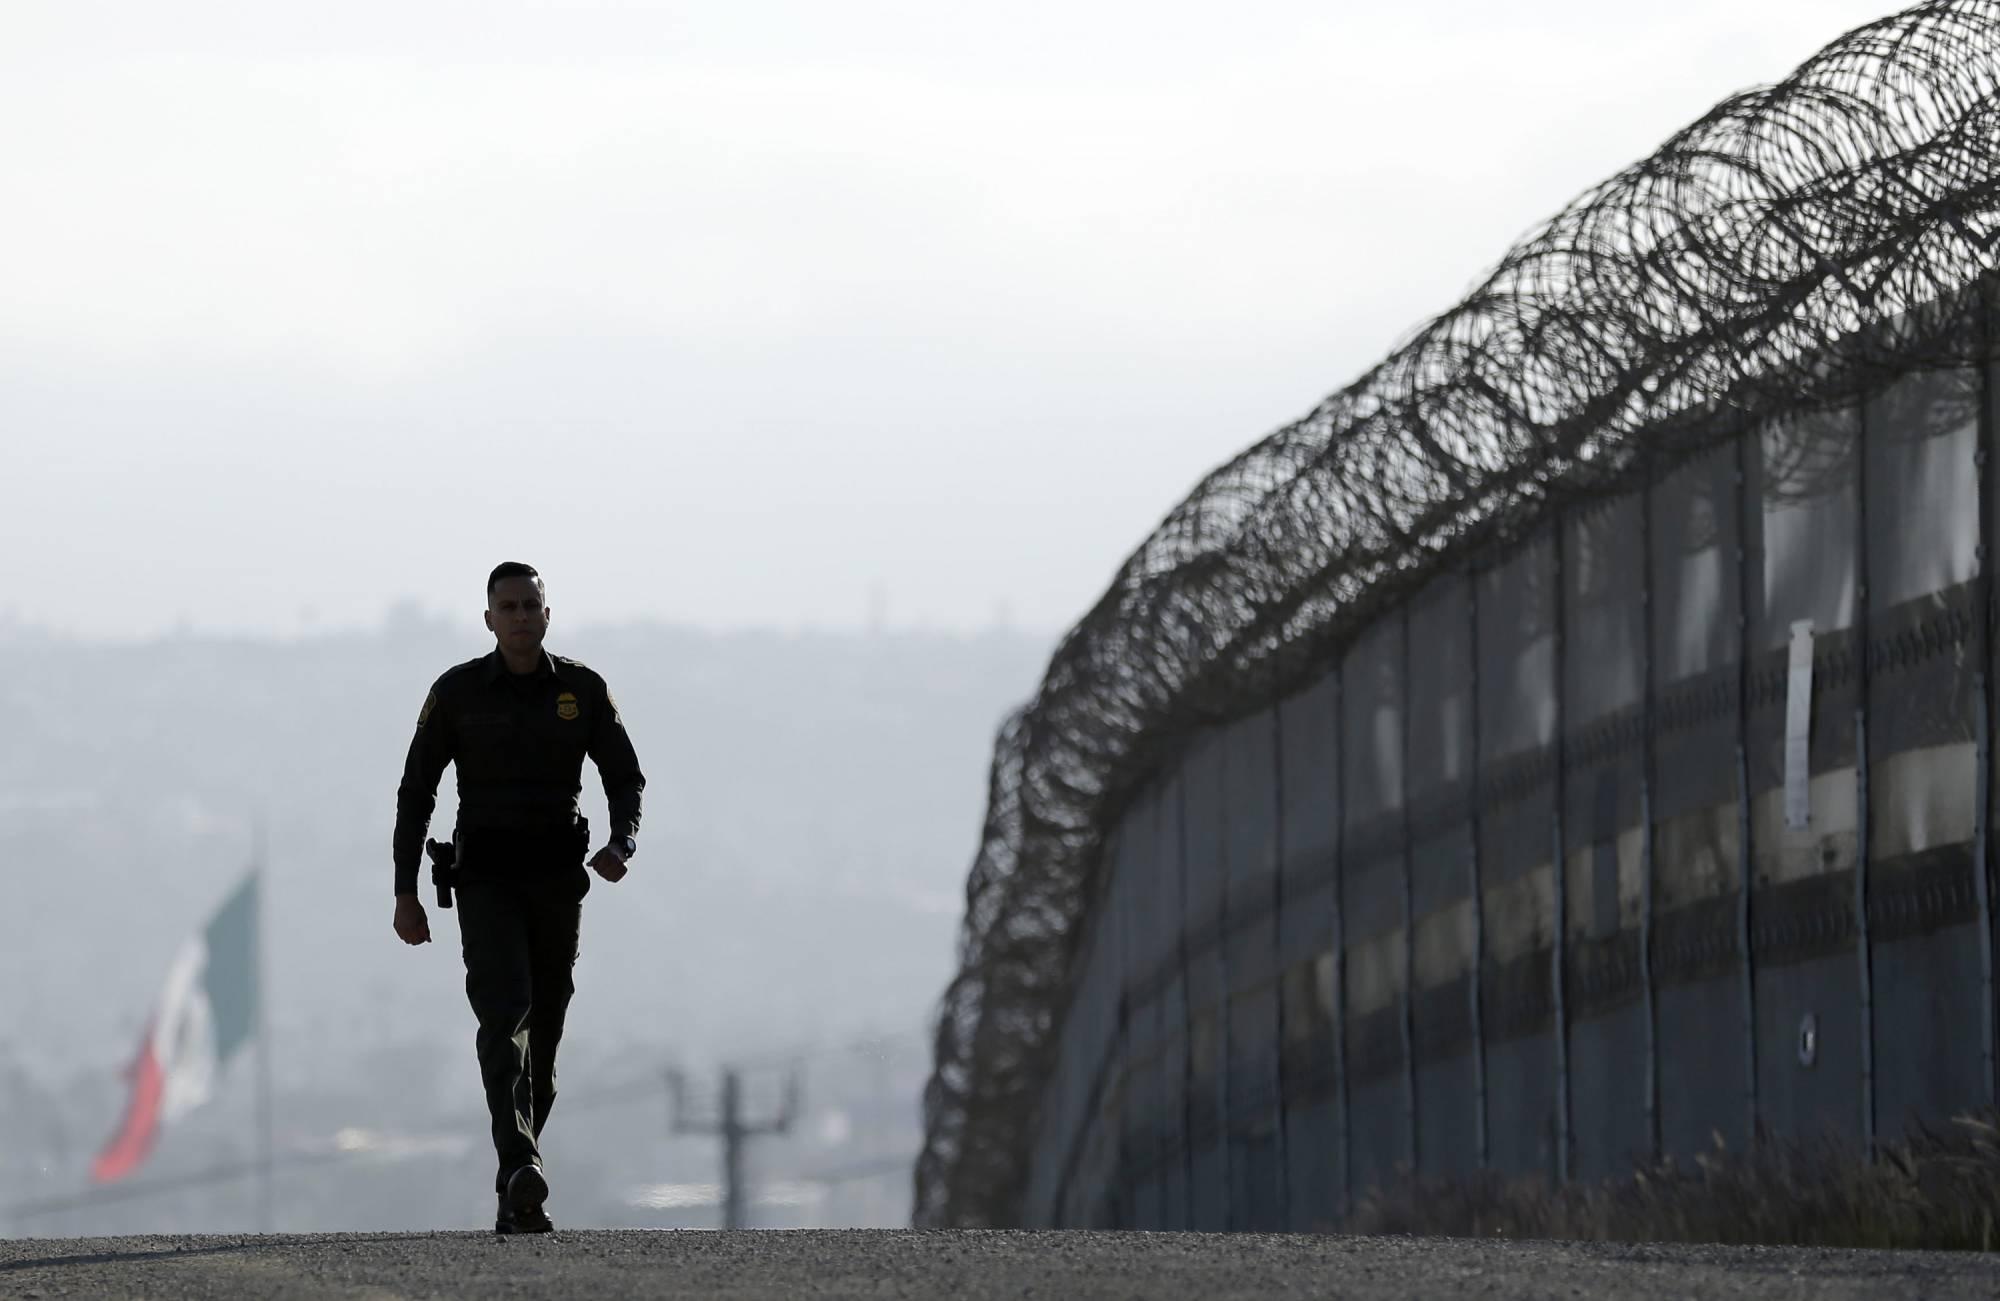 As Trump debates border security, field agents decry existing, dire